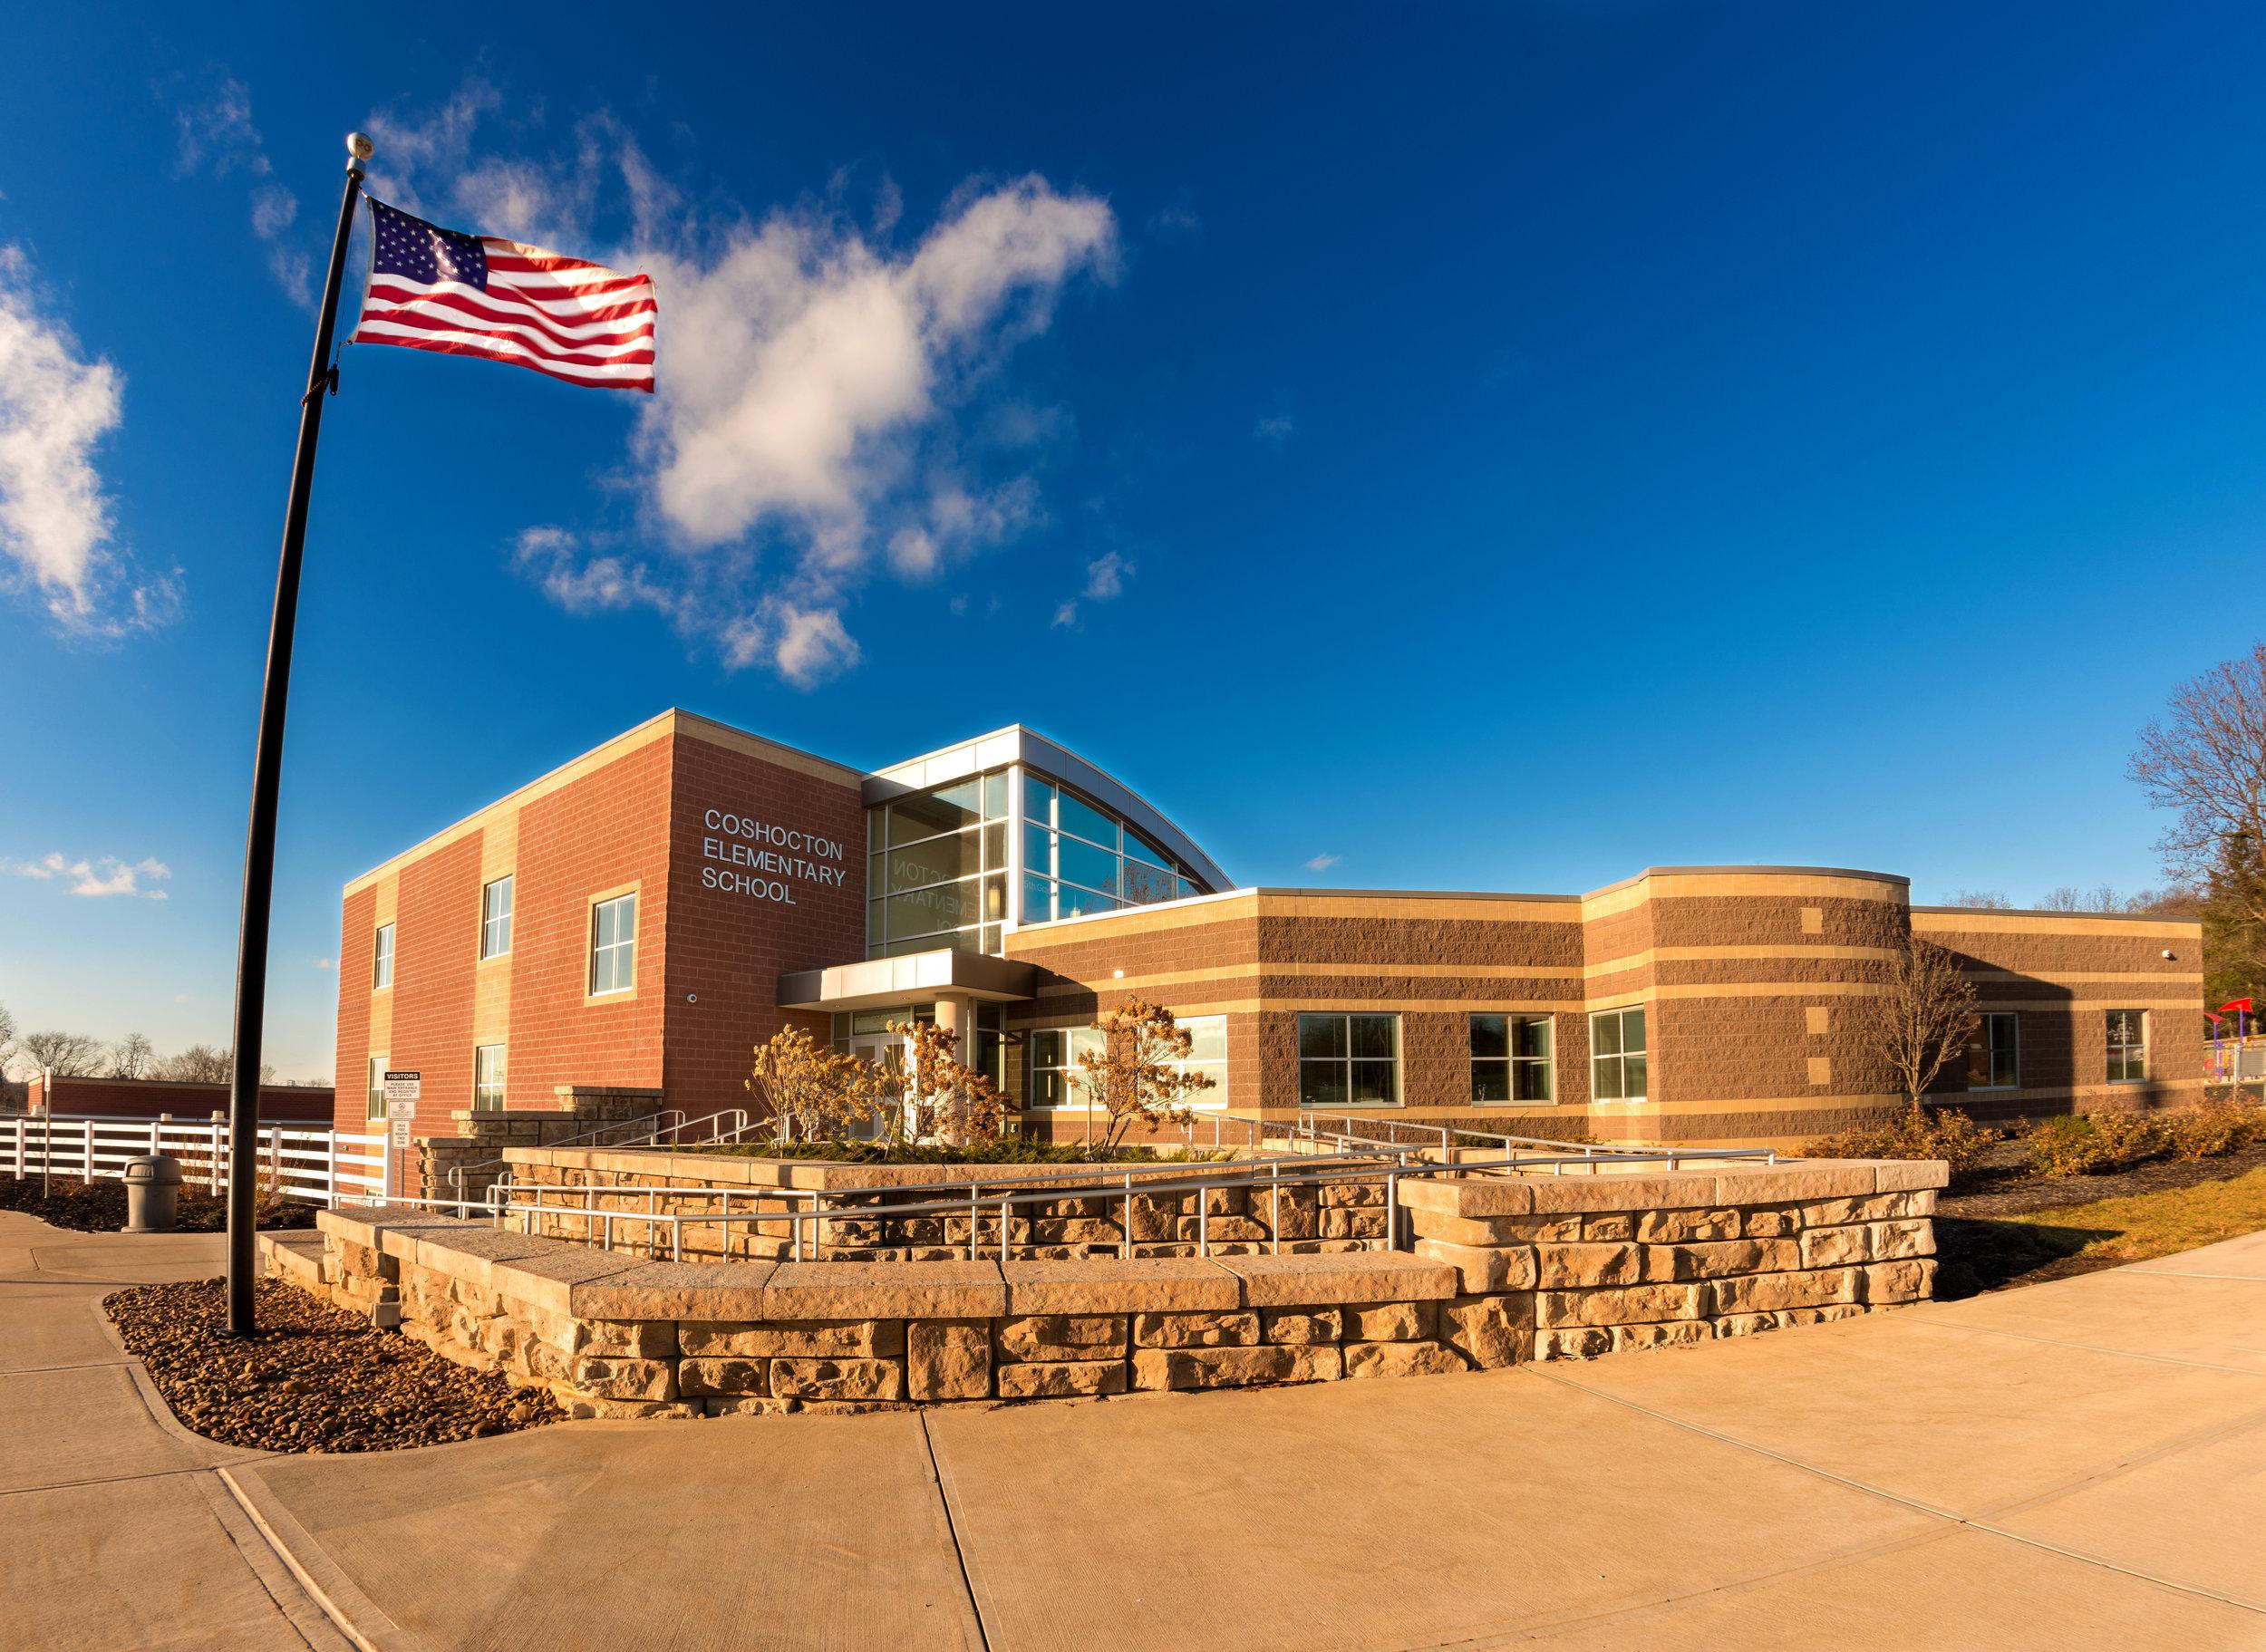 Coshocton Elementary